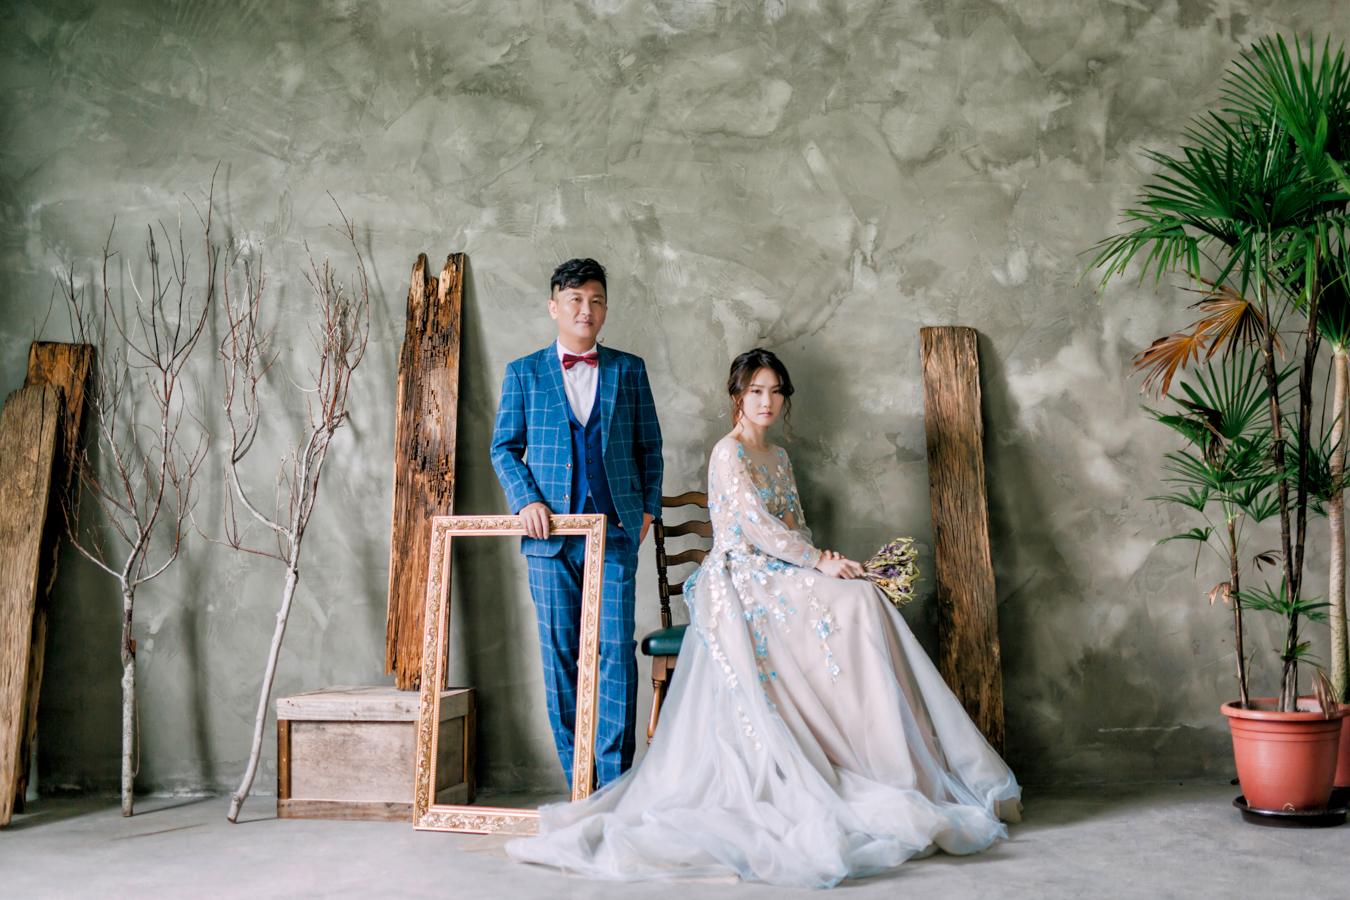 自助婚紗 | 伯昌+嘉茵 PREWEDDING  目沐影像空間  顏氏牧場  彰濱 |國內婚紗|台中婚紗